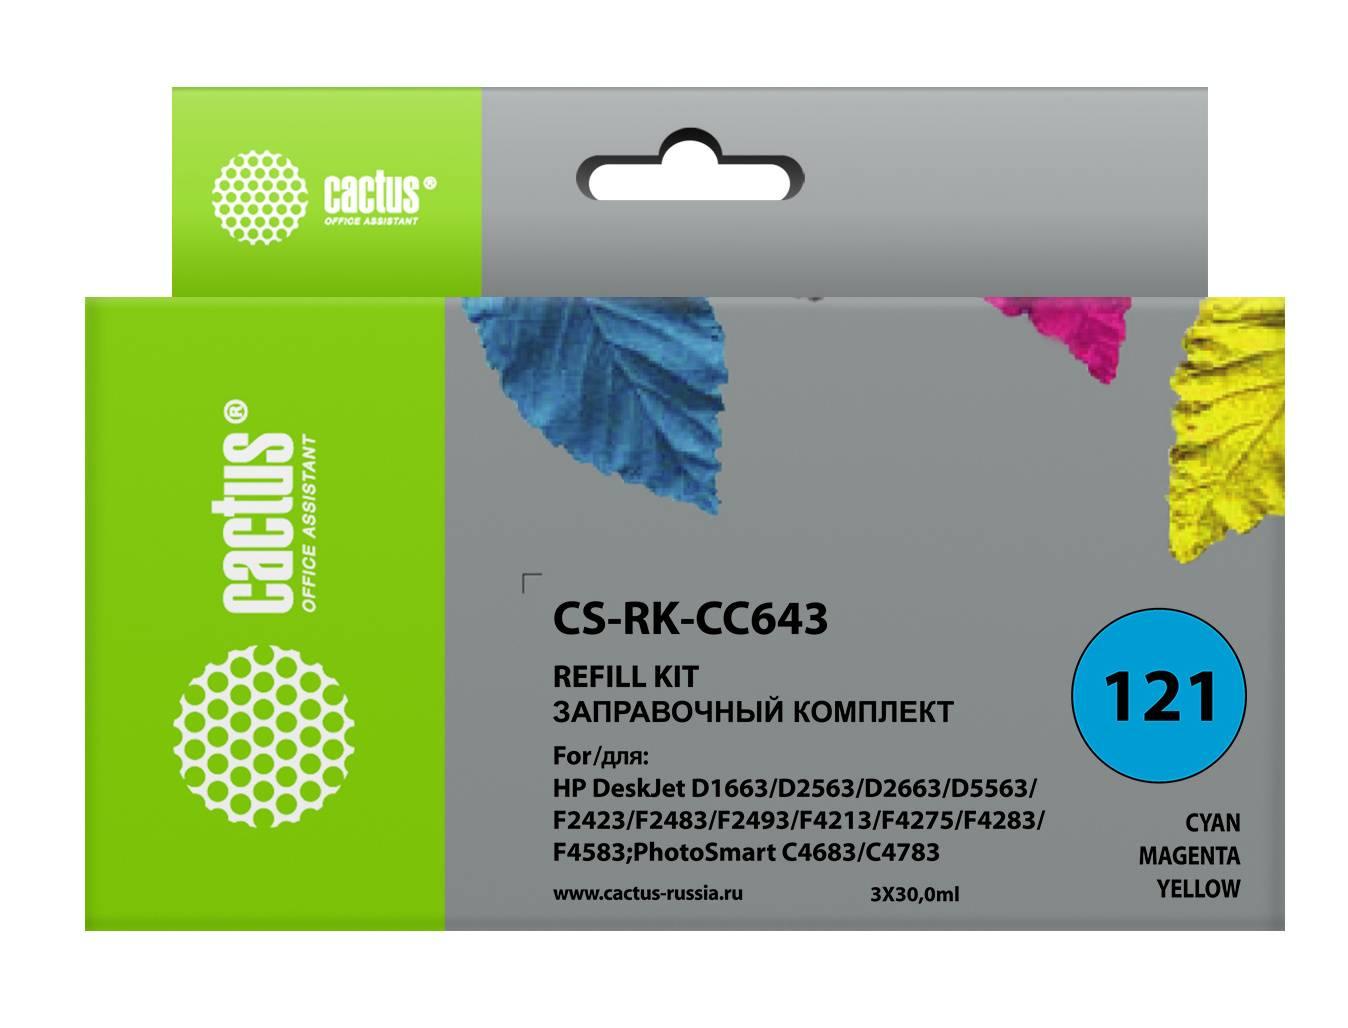 Заправочный набор Cactus CS-RK-CC643 многоцветный 1фл. 90мл для HP DJ D1663/D2563/PS C4683/C4783 - фото 1